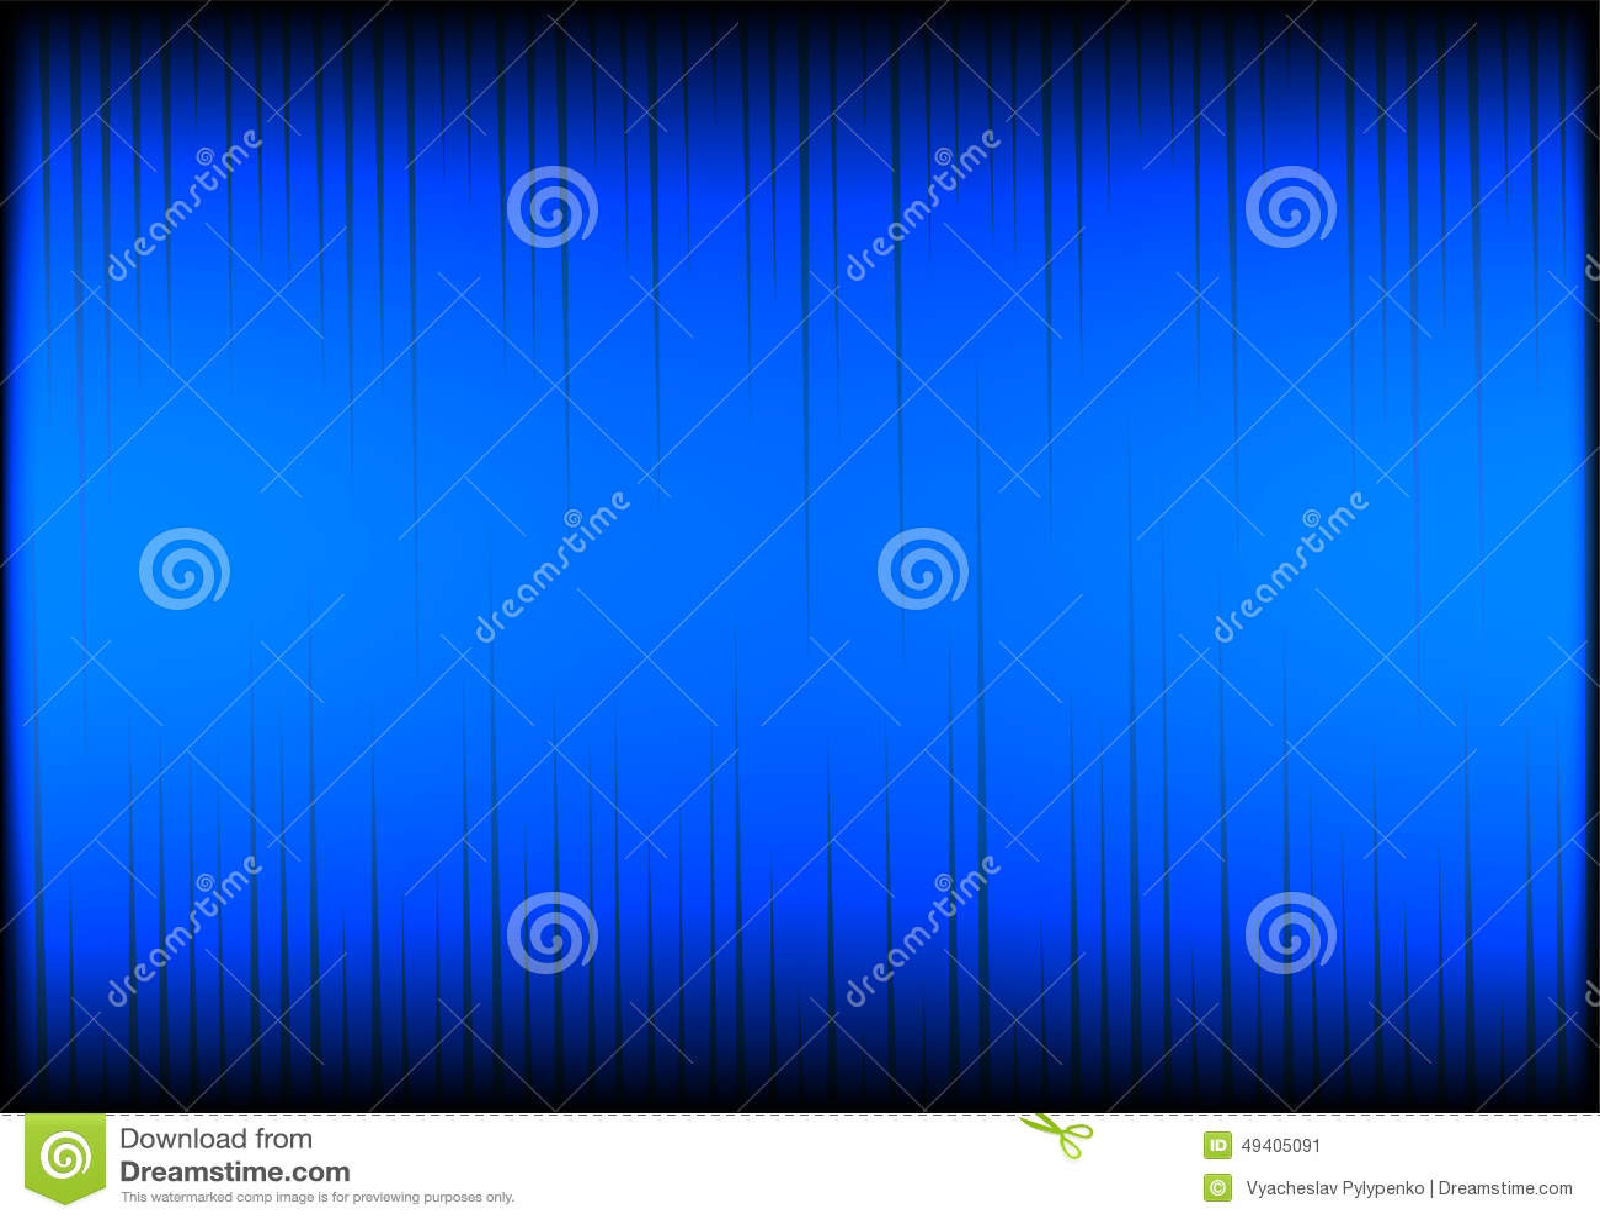 Download Hintergrund vektor abbildung. Illustration von tapete - 49405091